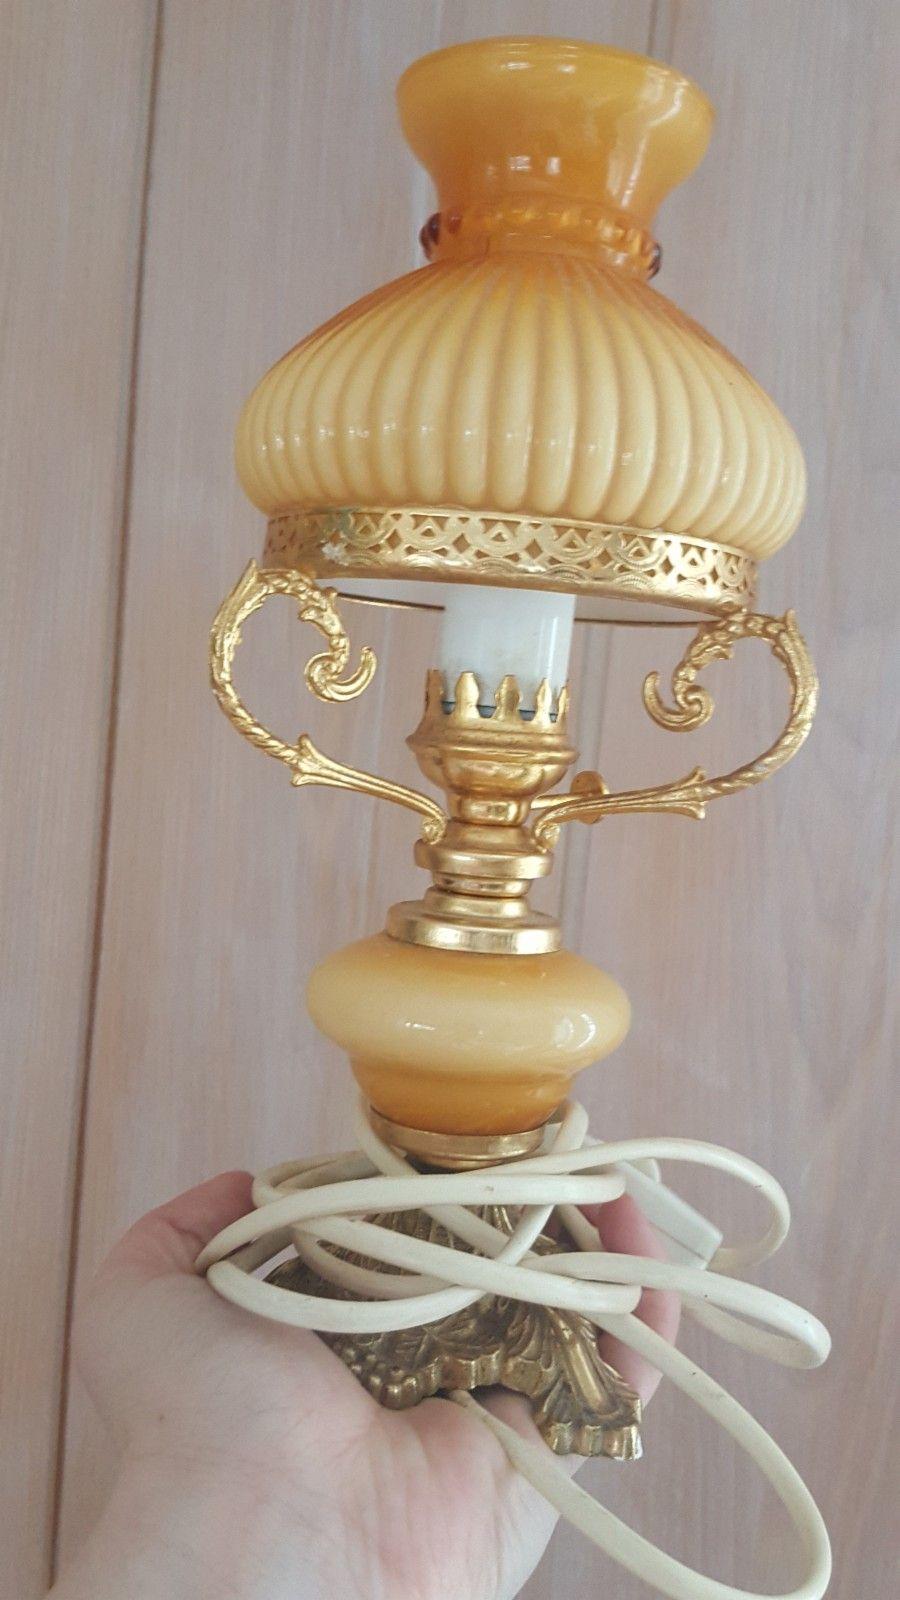 Velsete Gammel lampe | FINN.no KR-89